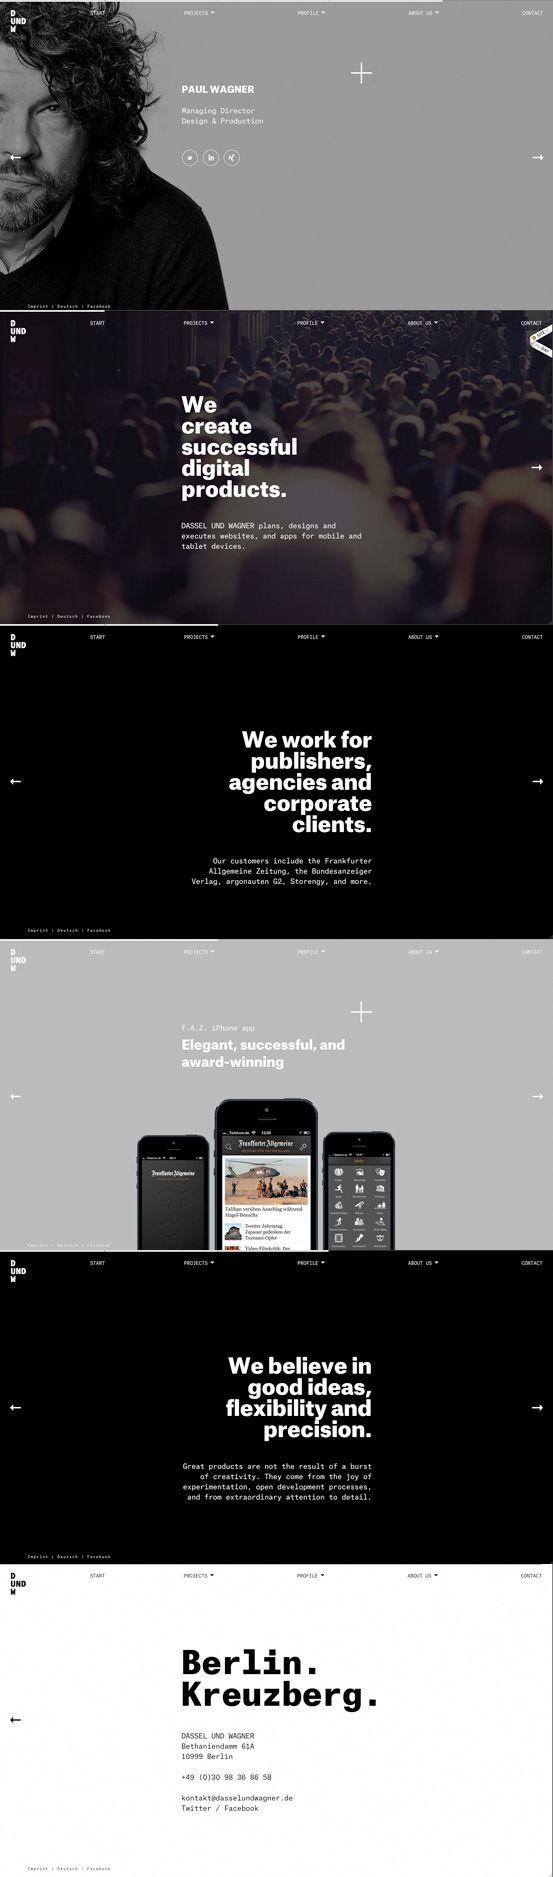 Webpage Screenshot of Designer: Dassel and Wagner | Design: UI/UX. Apps. Websites | http://www.the-webdesign.net